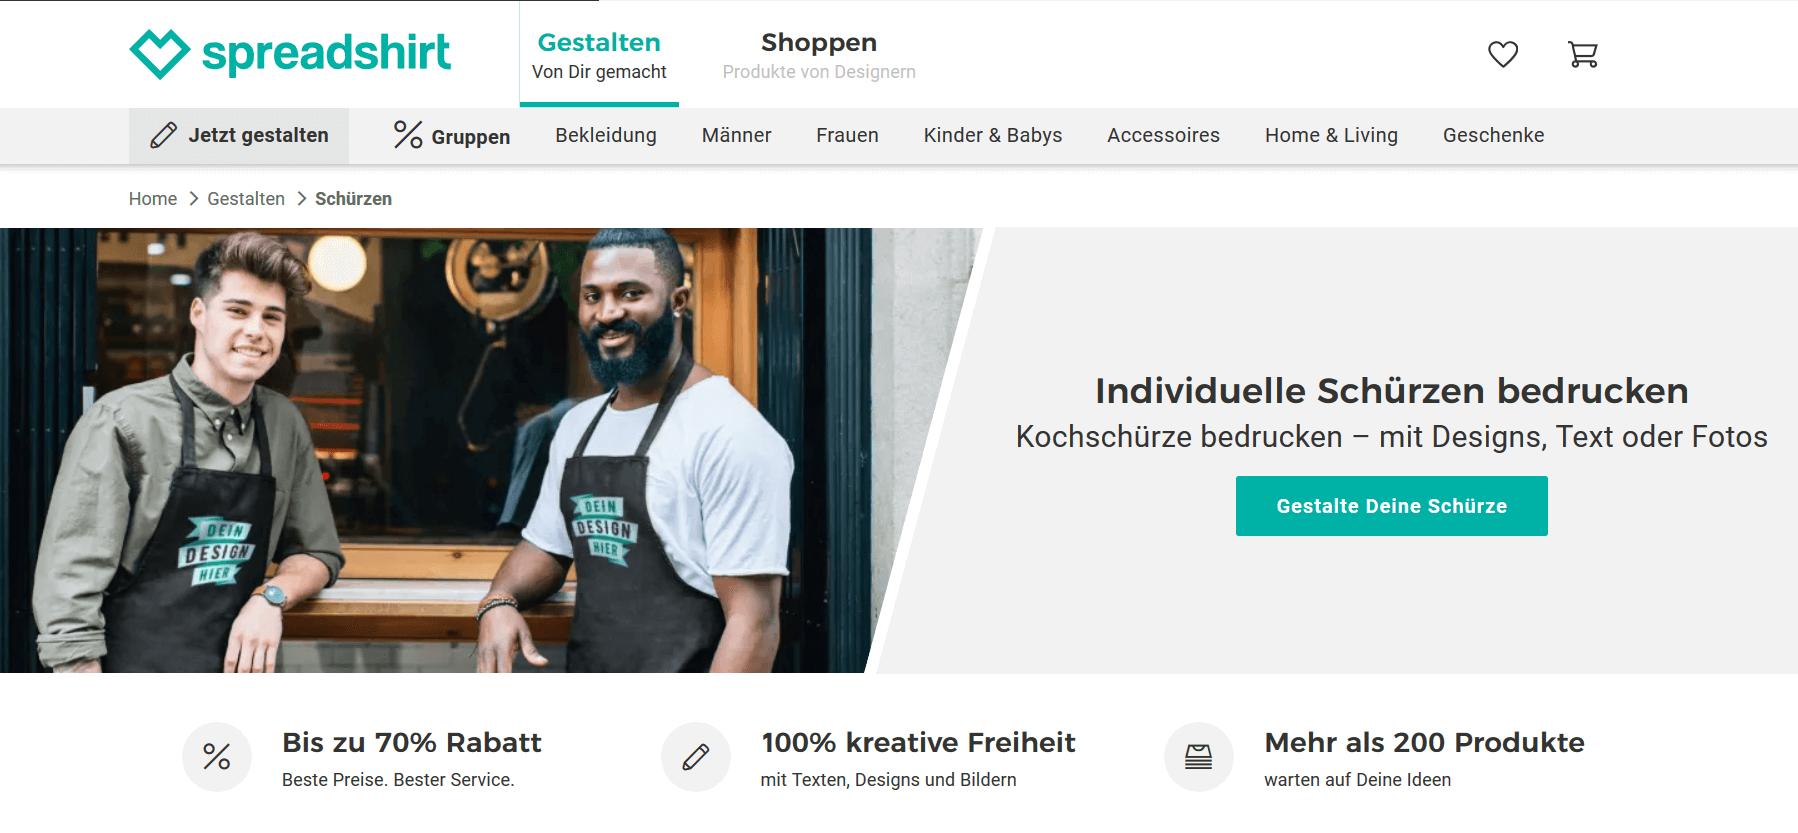 Screenshot 2019 05 29 Schurzen Bedrucken Kochschurze Gestalten Spreadshirt Mypaketshop